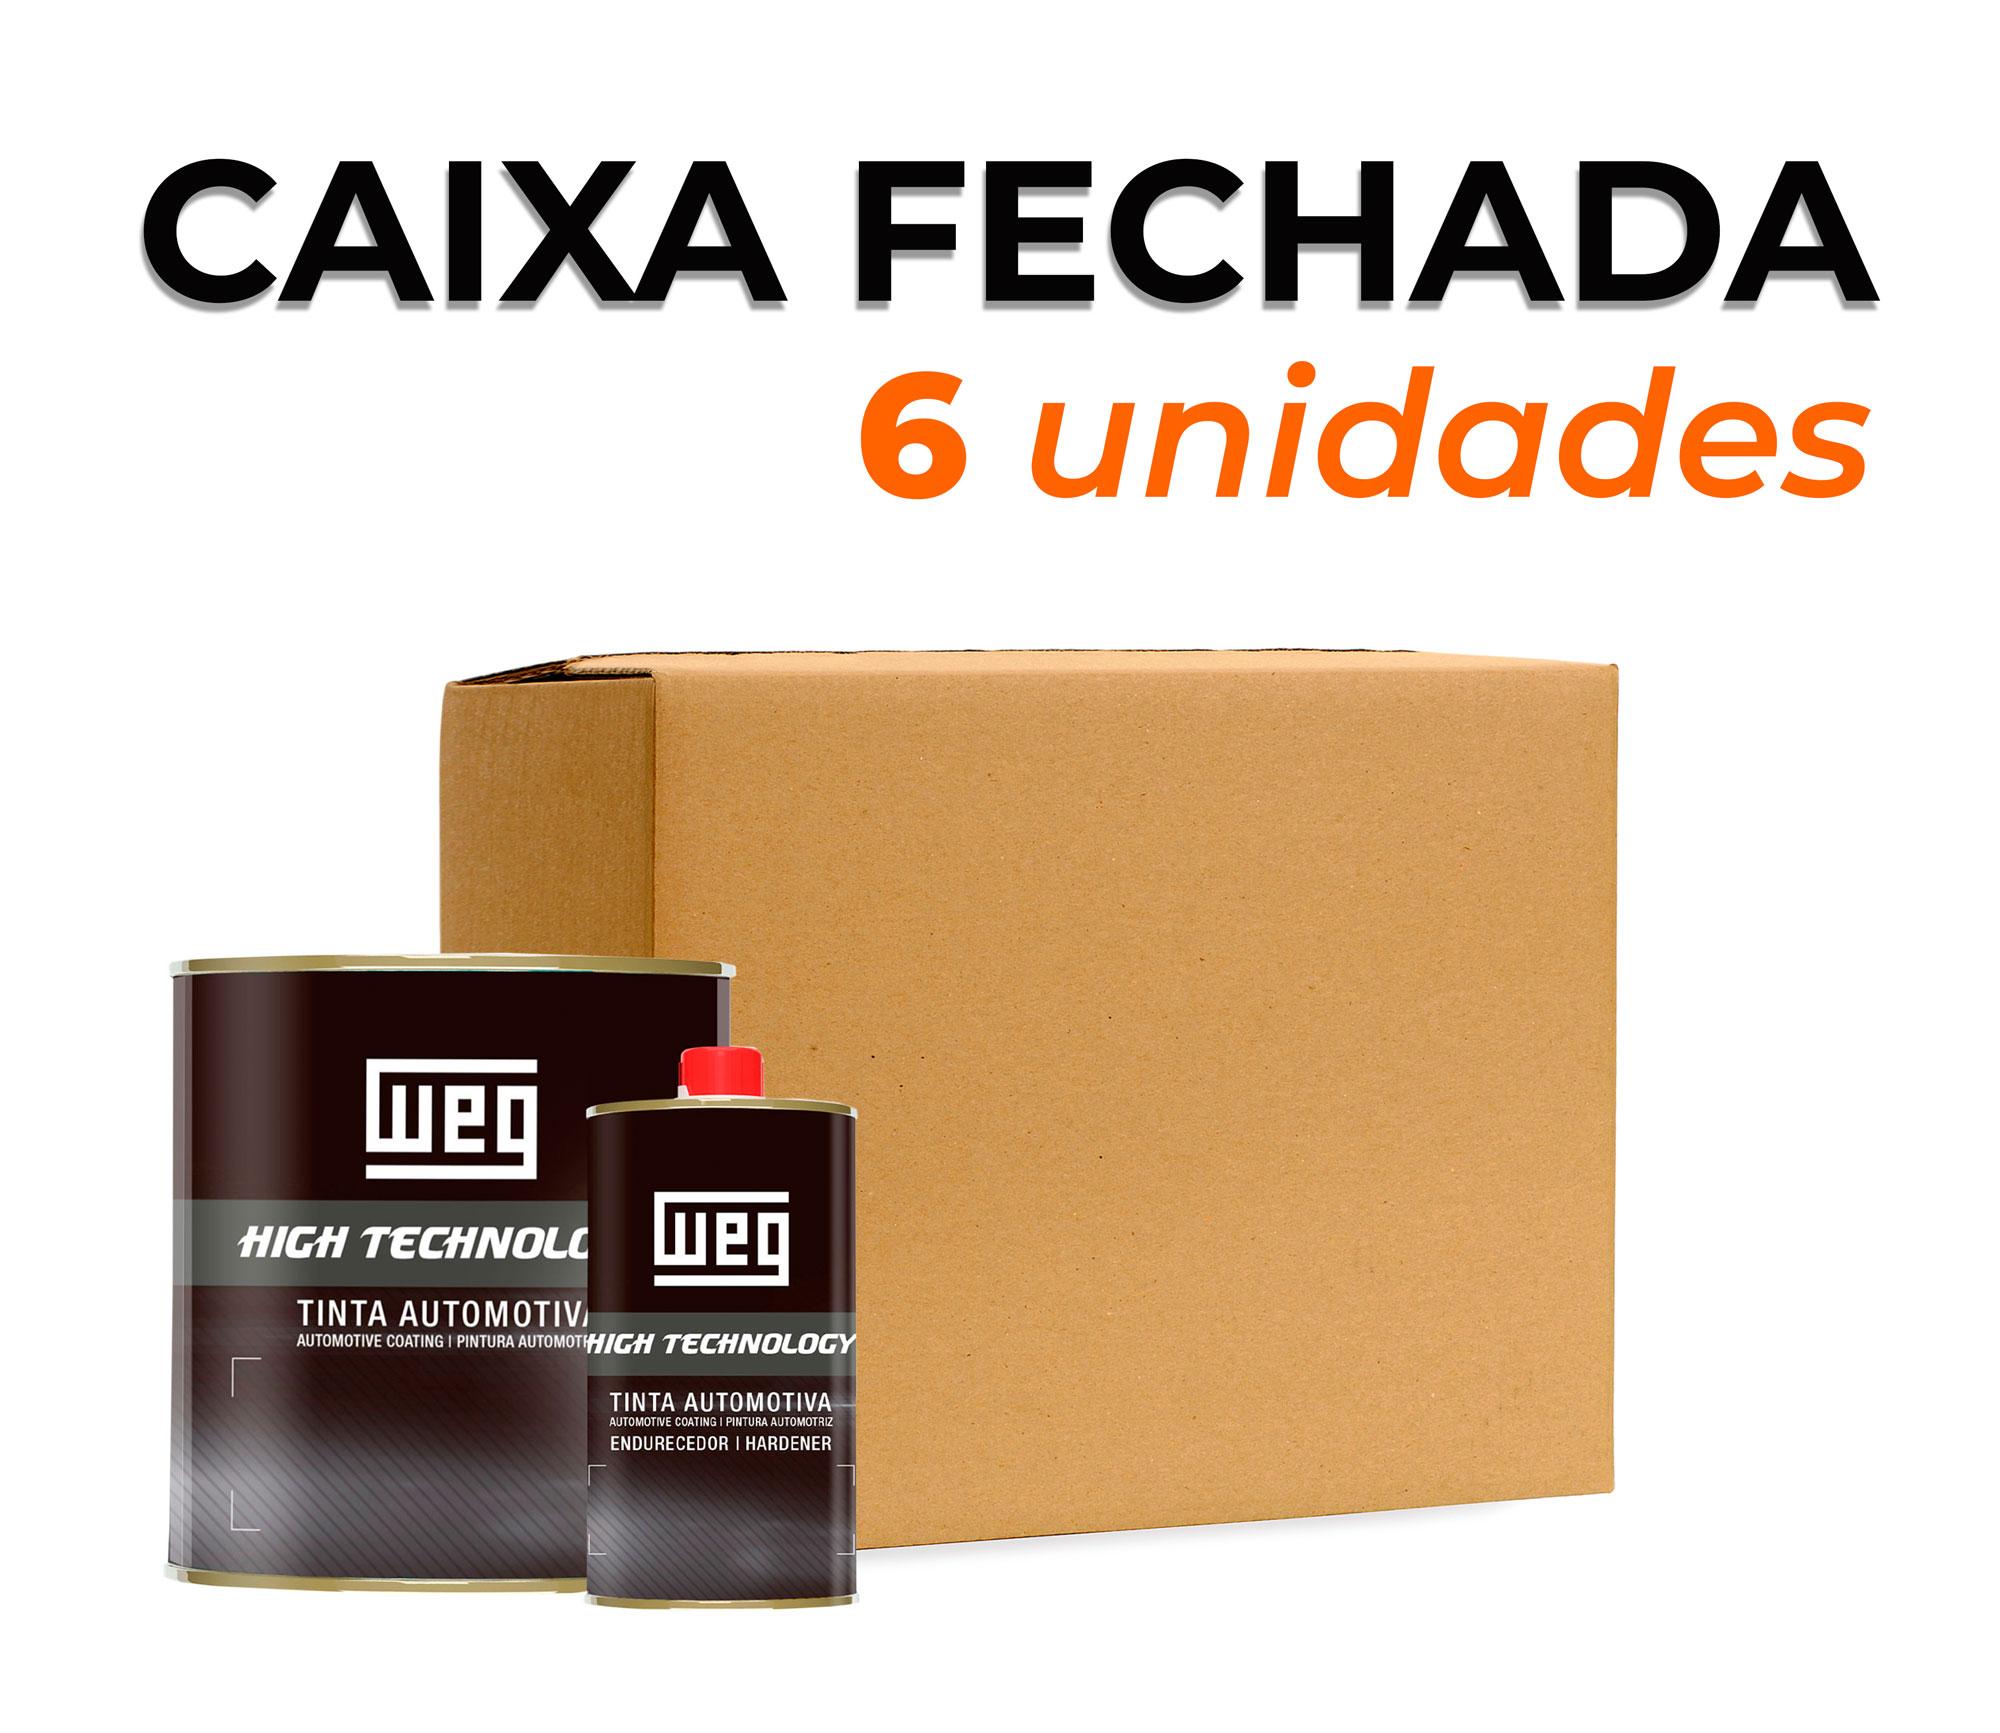 CAIXA VERNIZ W30 900 ml + CATALISADOR INTERMEDIÁRIO 450 ml